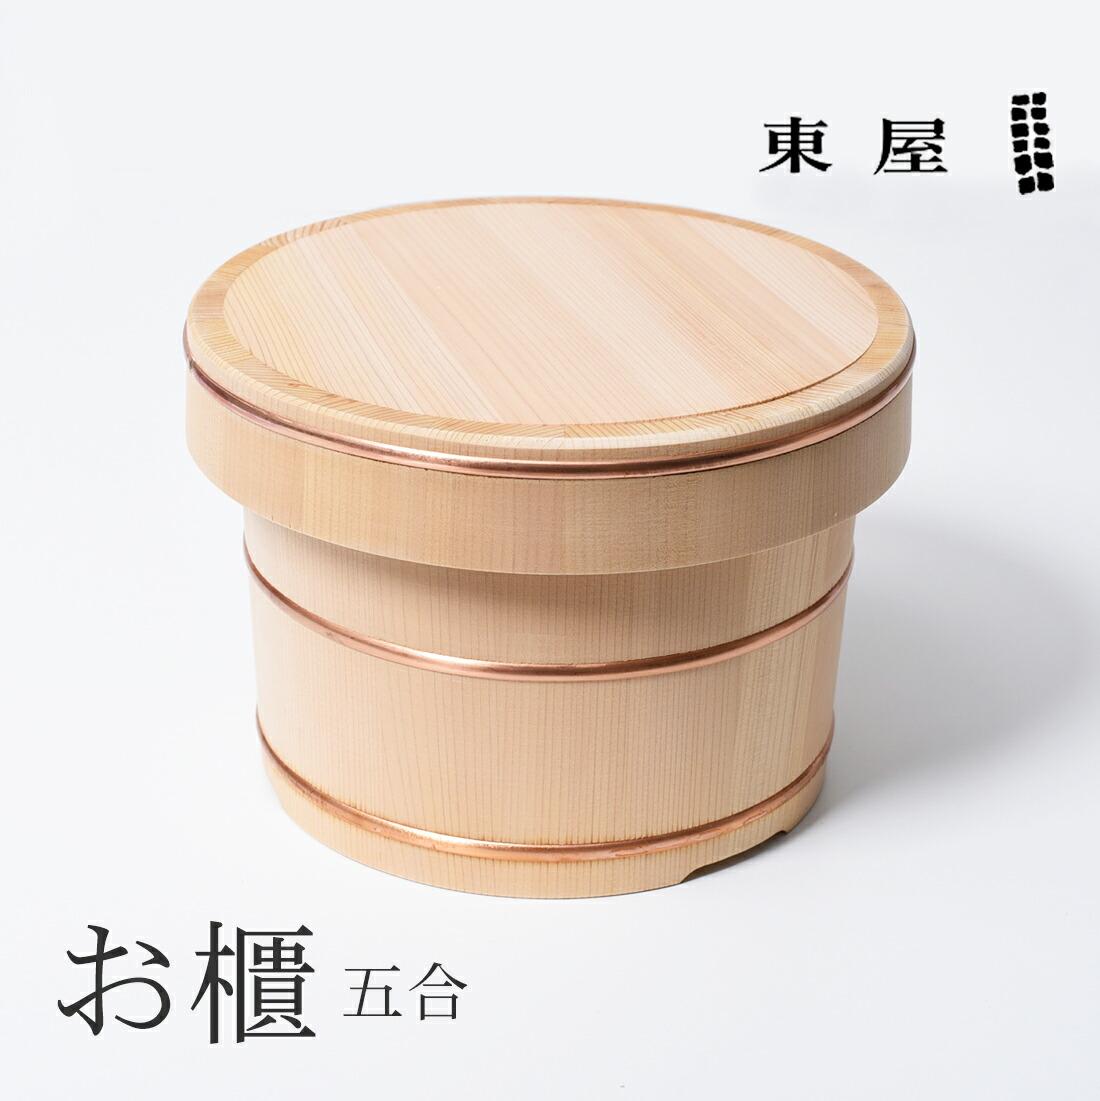 拘りの日用品 納得の東屋品質と確かな職人技術 日本のモノづくりを感じられる名品達 東屋 あづまや お櫃 五合 山一 柾目 新色追加して再販 おひつ まさめ AZYI00003 贈与 やまいち